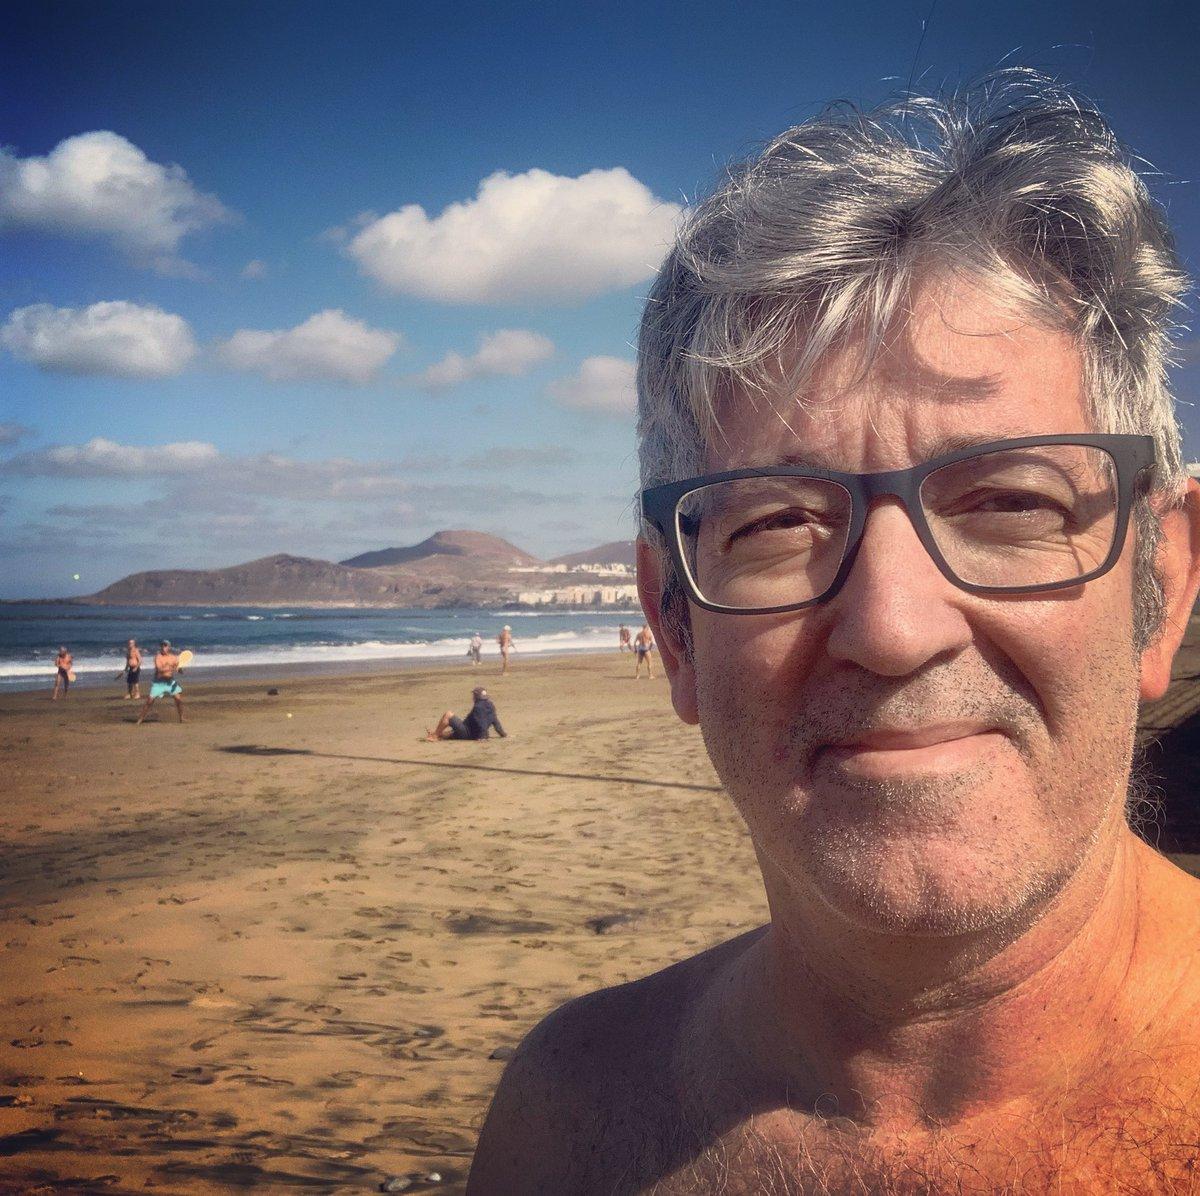 En enero suelo hacerme un #selfie para recordarme una de las razones por las que escogí vivir en #laspalmasdegrancanaria Soy muy friolero. 😊